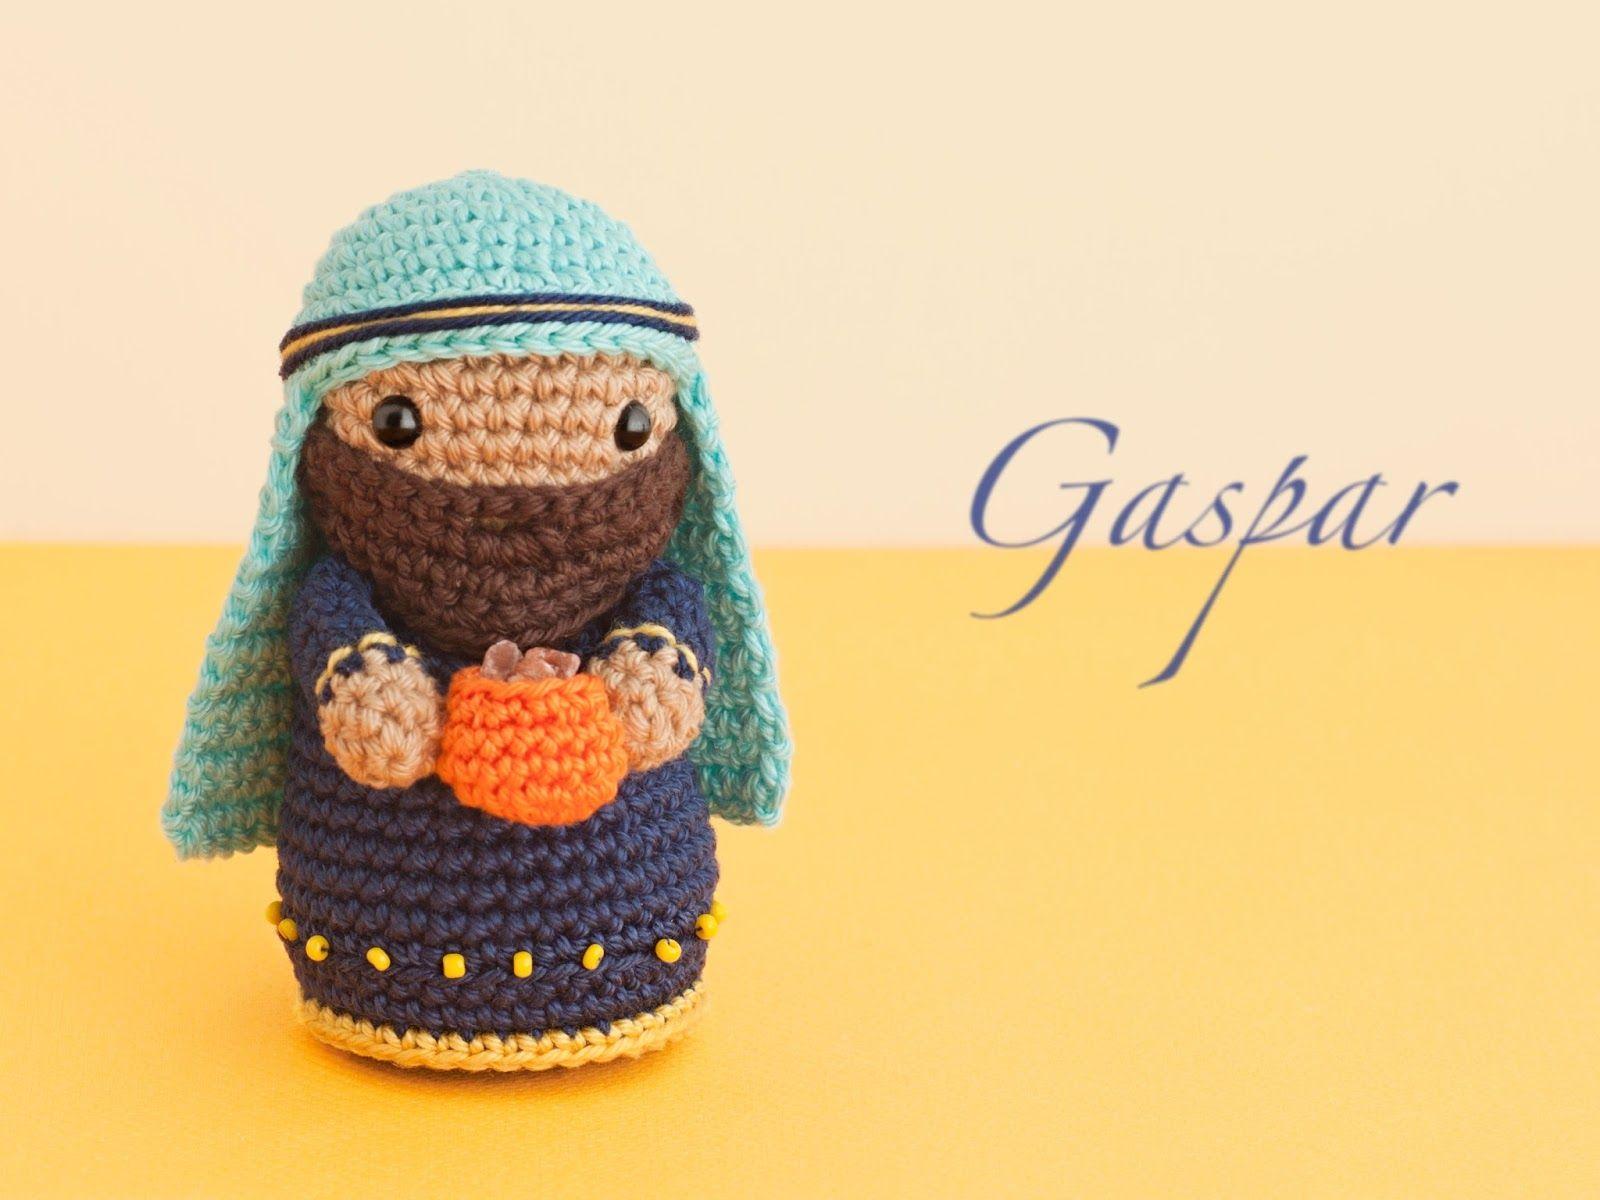 Amigurumi Magi Caspar - FREE Crochet Pattern / Tutorial ...